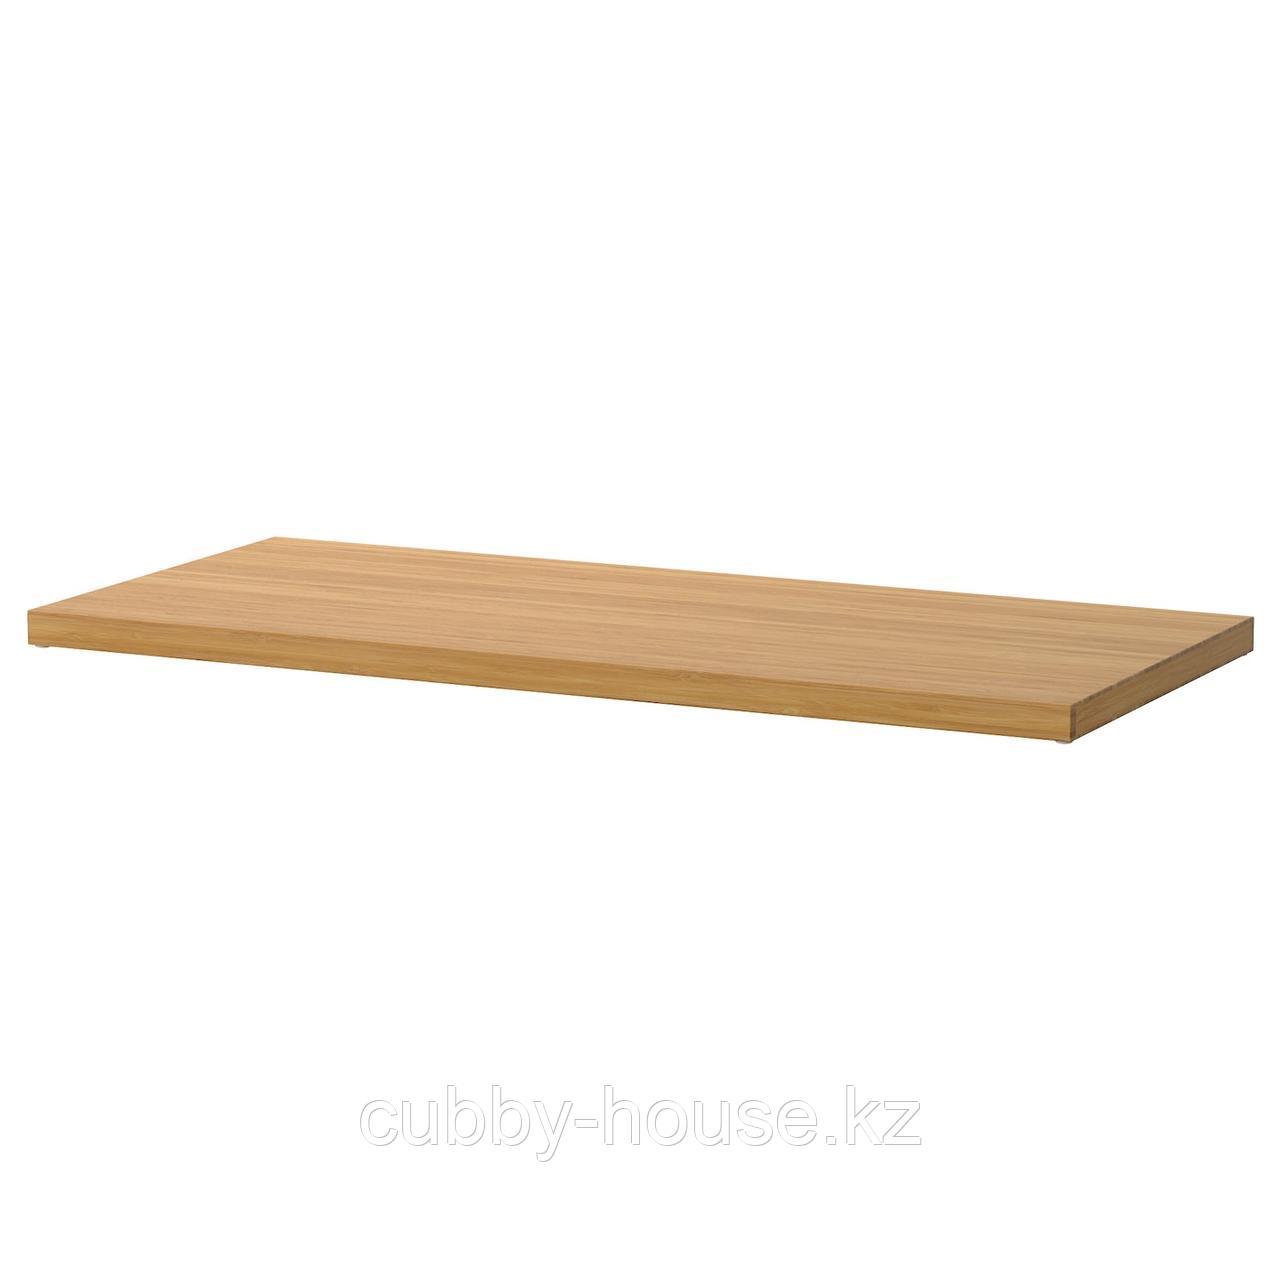 ЭЛВАРЛИ Полка, бамбук, 80x51 см